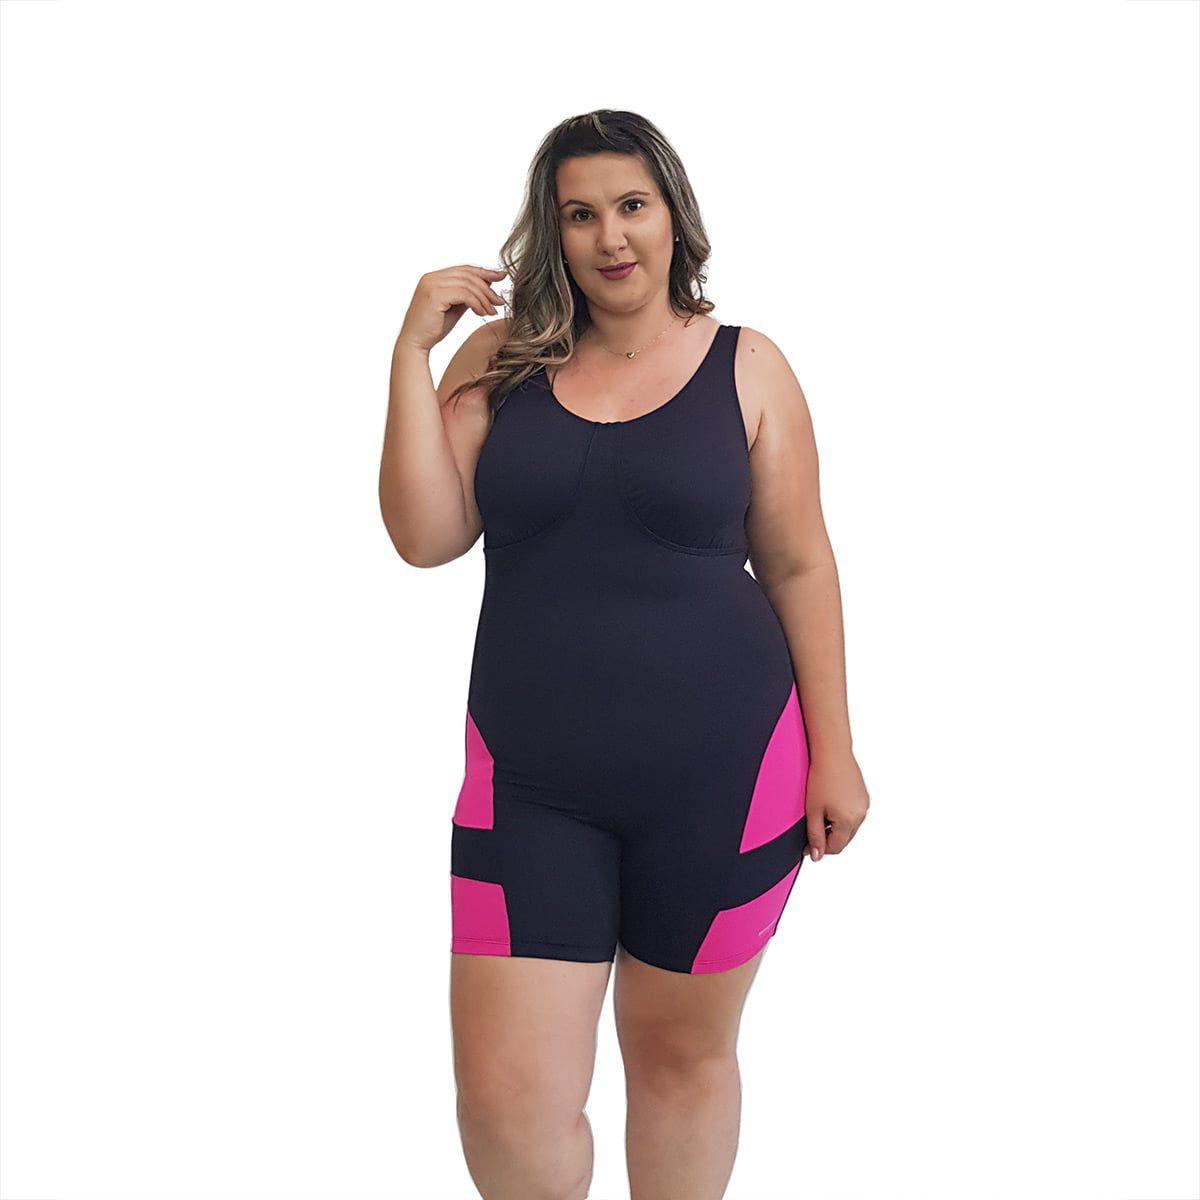 Macaquinho Natação Plus Size com Sustentação Light Preto com Detalhe em Pink